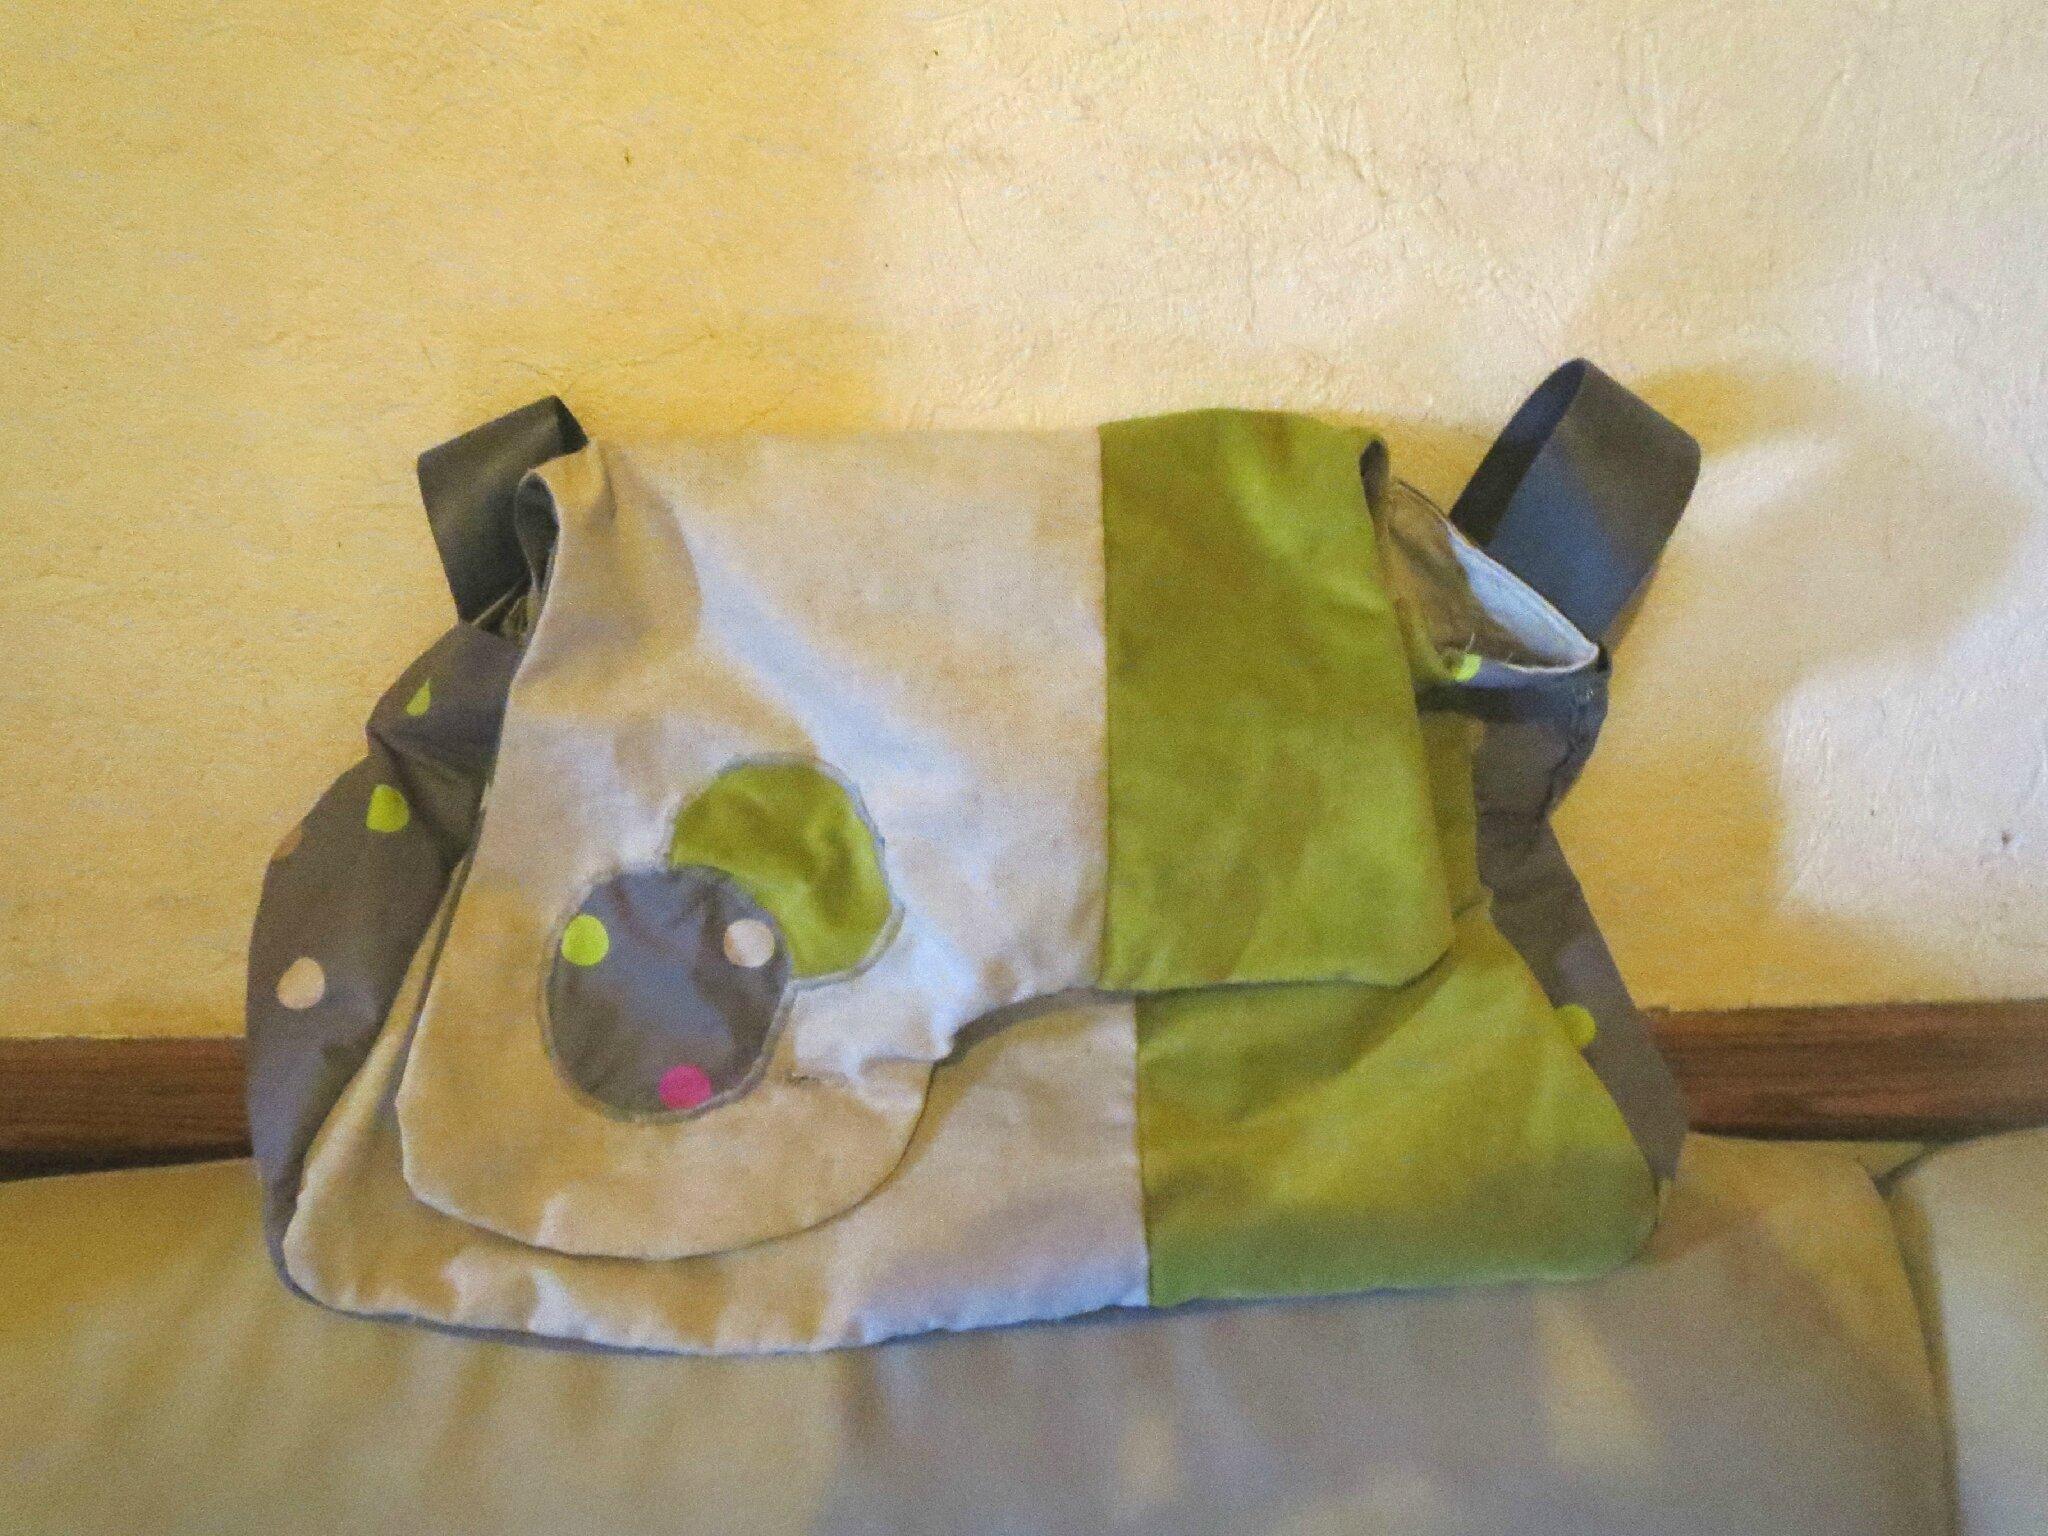 Mes premiers pas couture : un sac à mon image